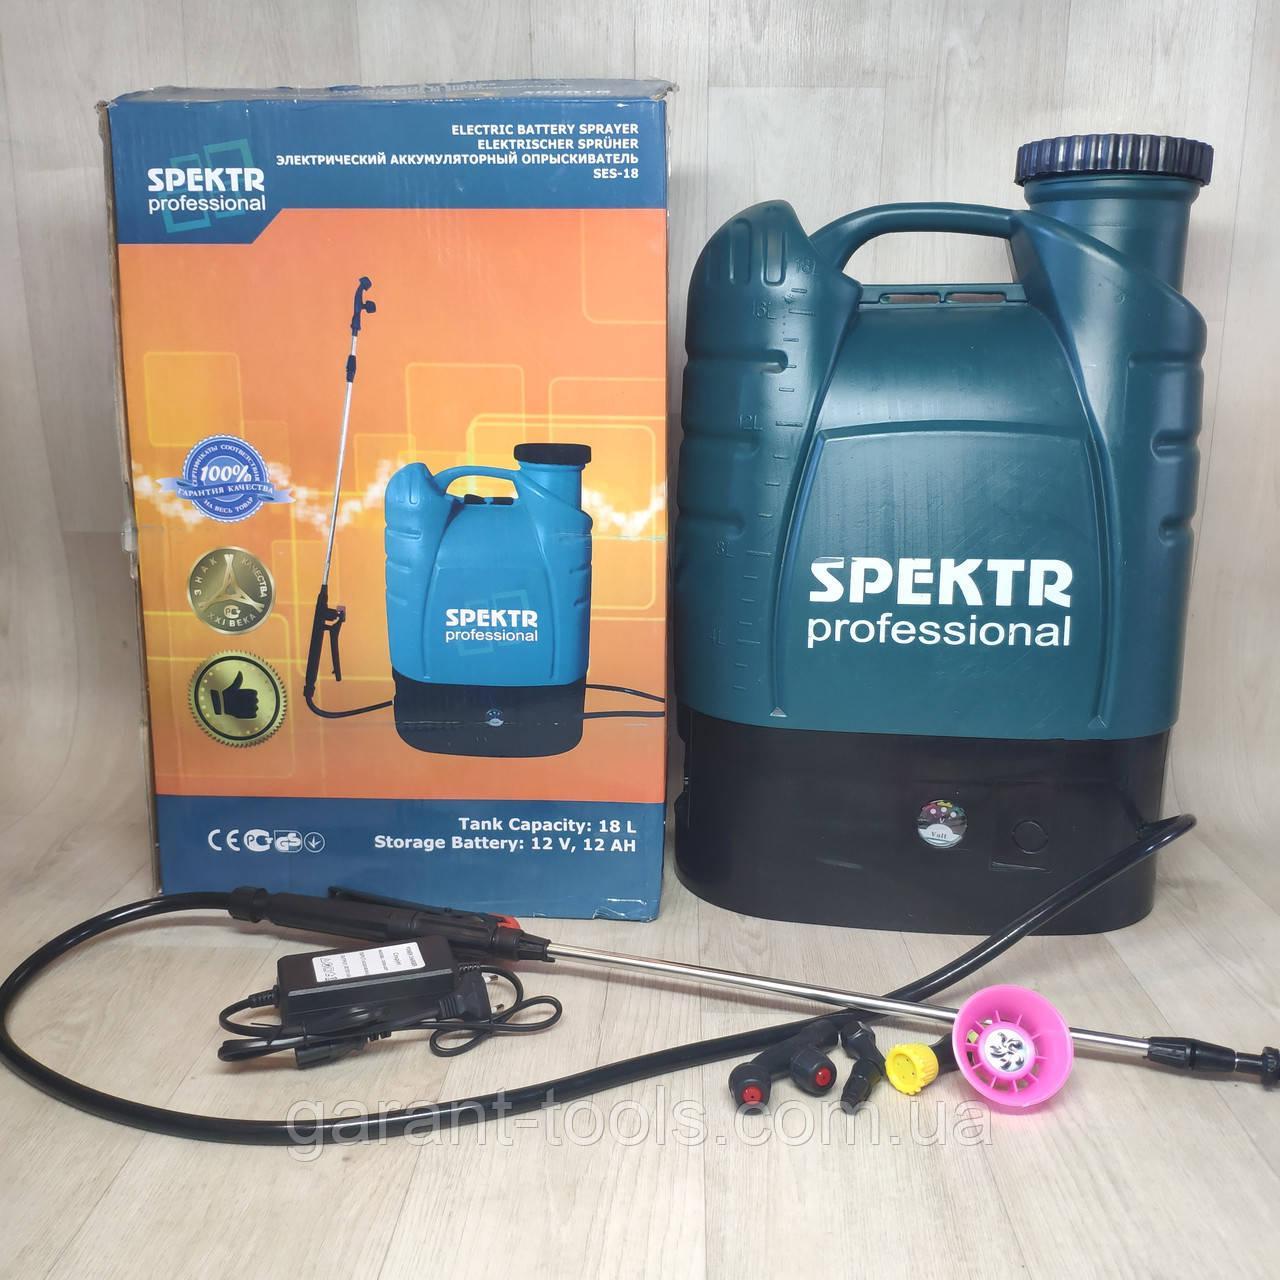 Электрический аккумуляторный опрыскиватель Spektr SES-18 литров